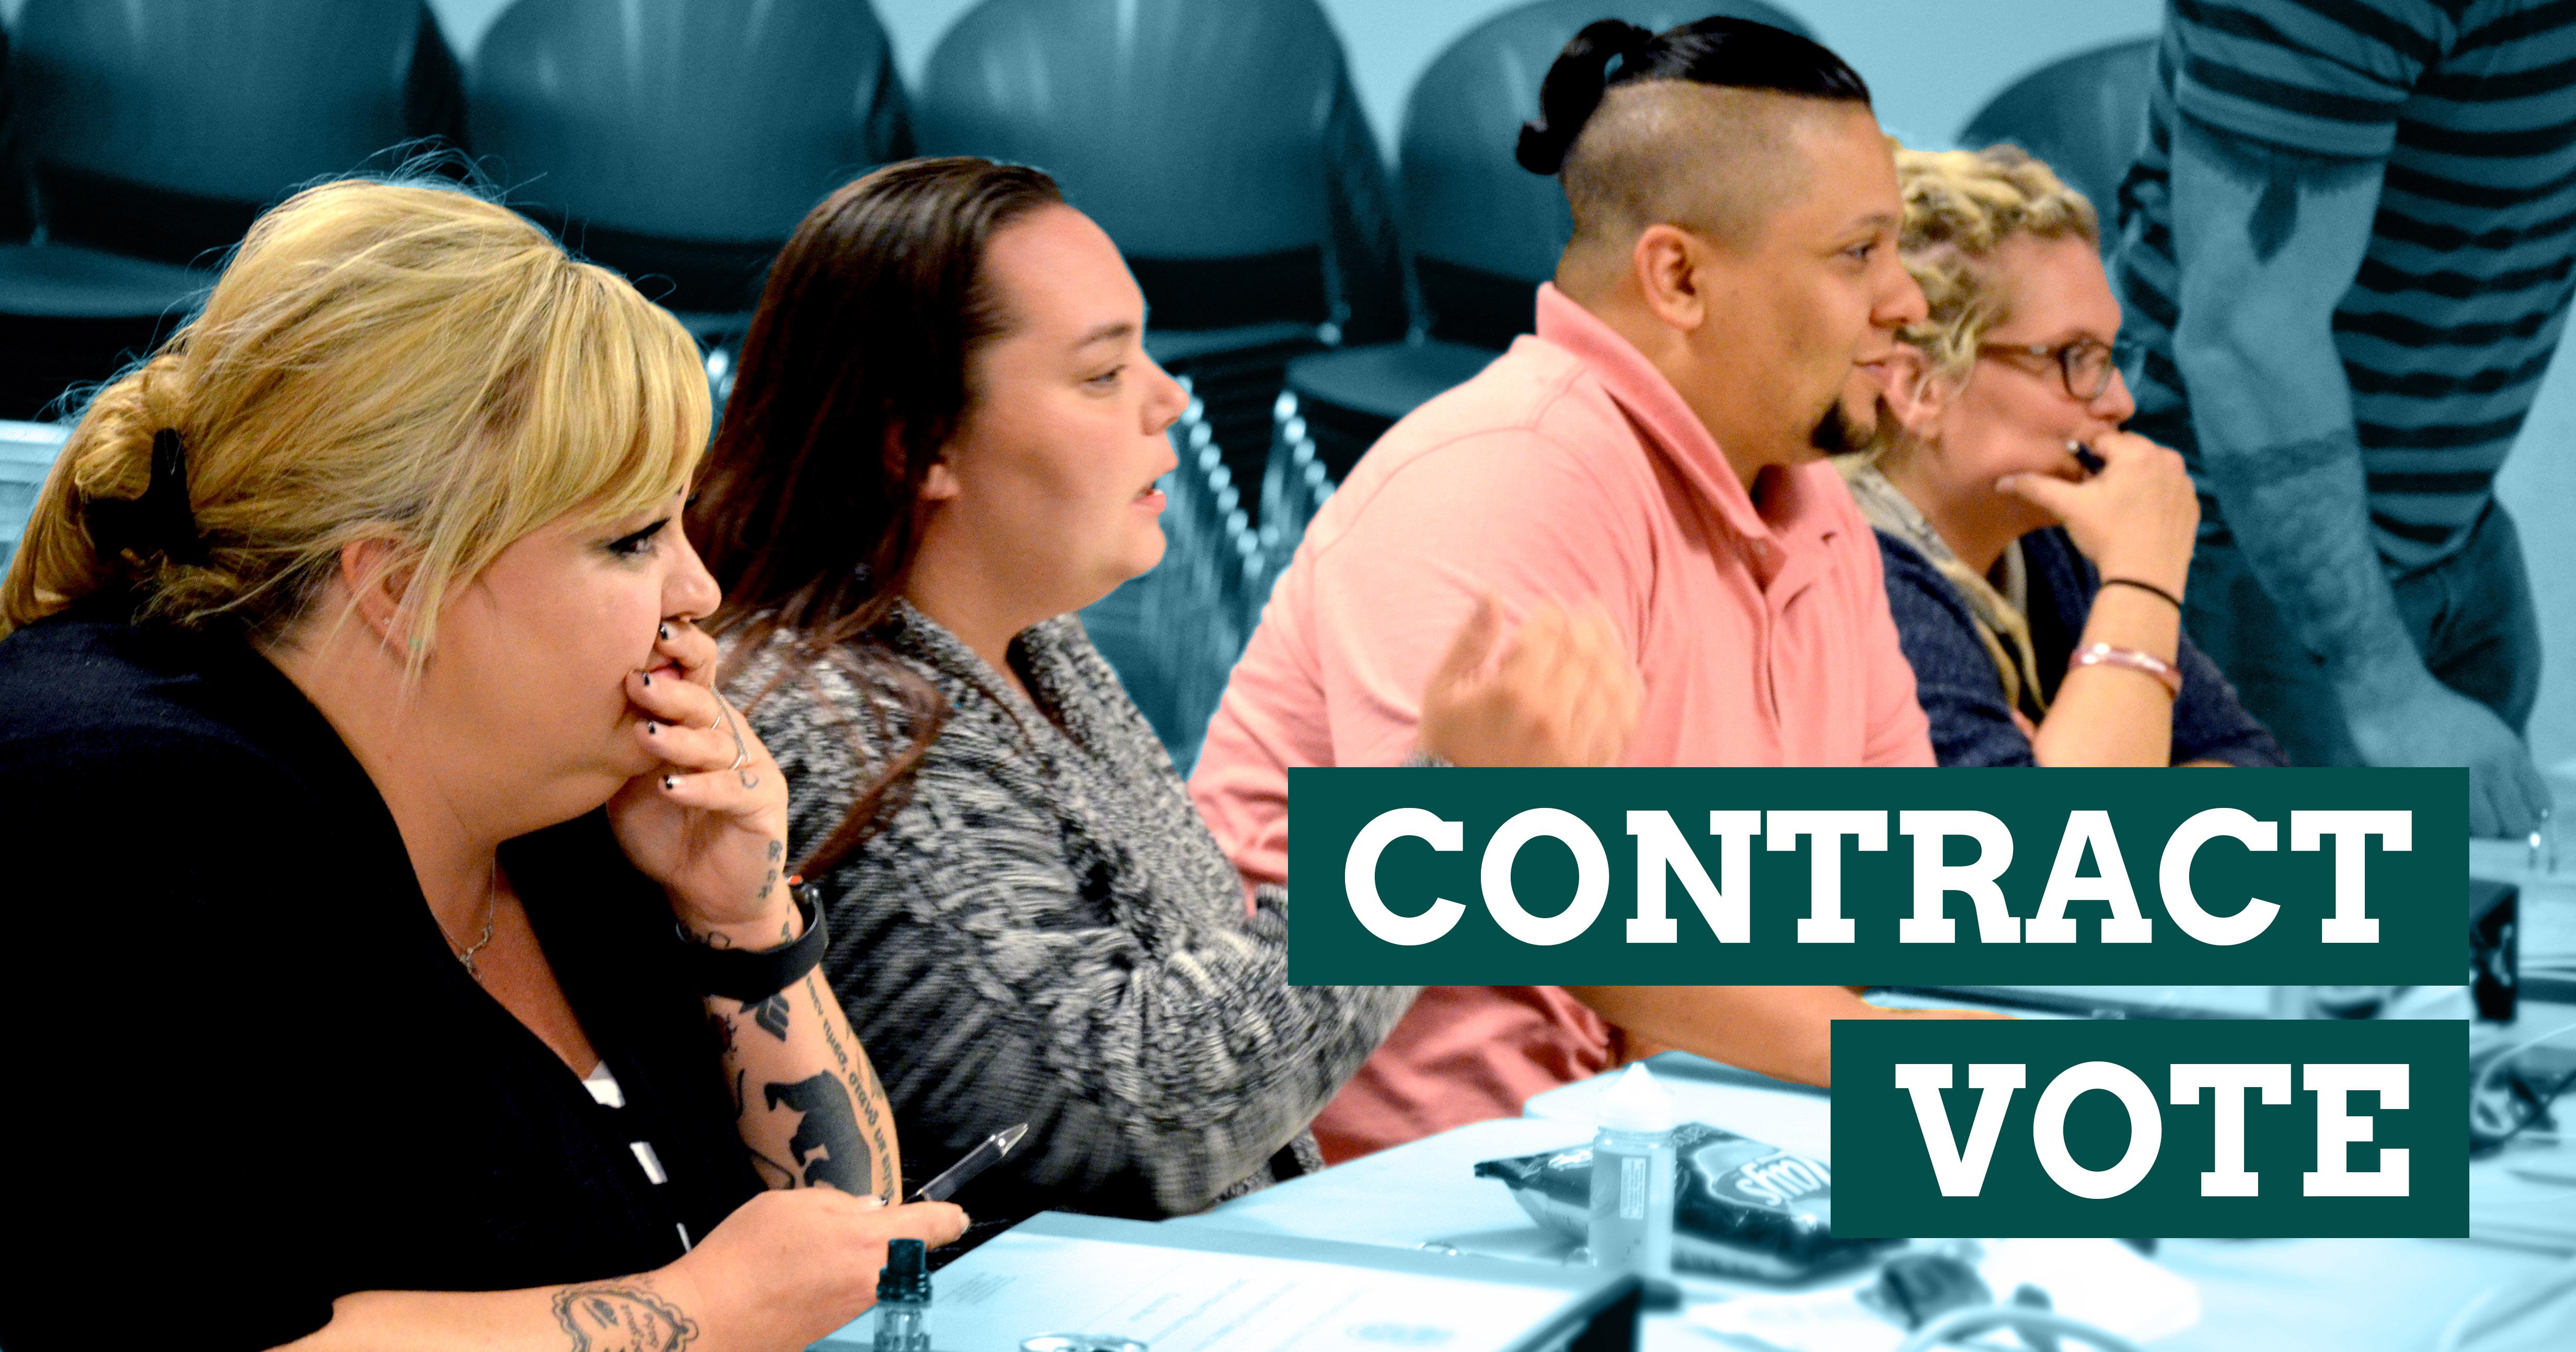 Contract_vote.jpg